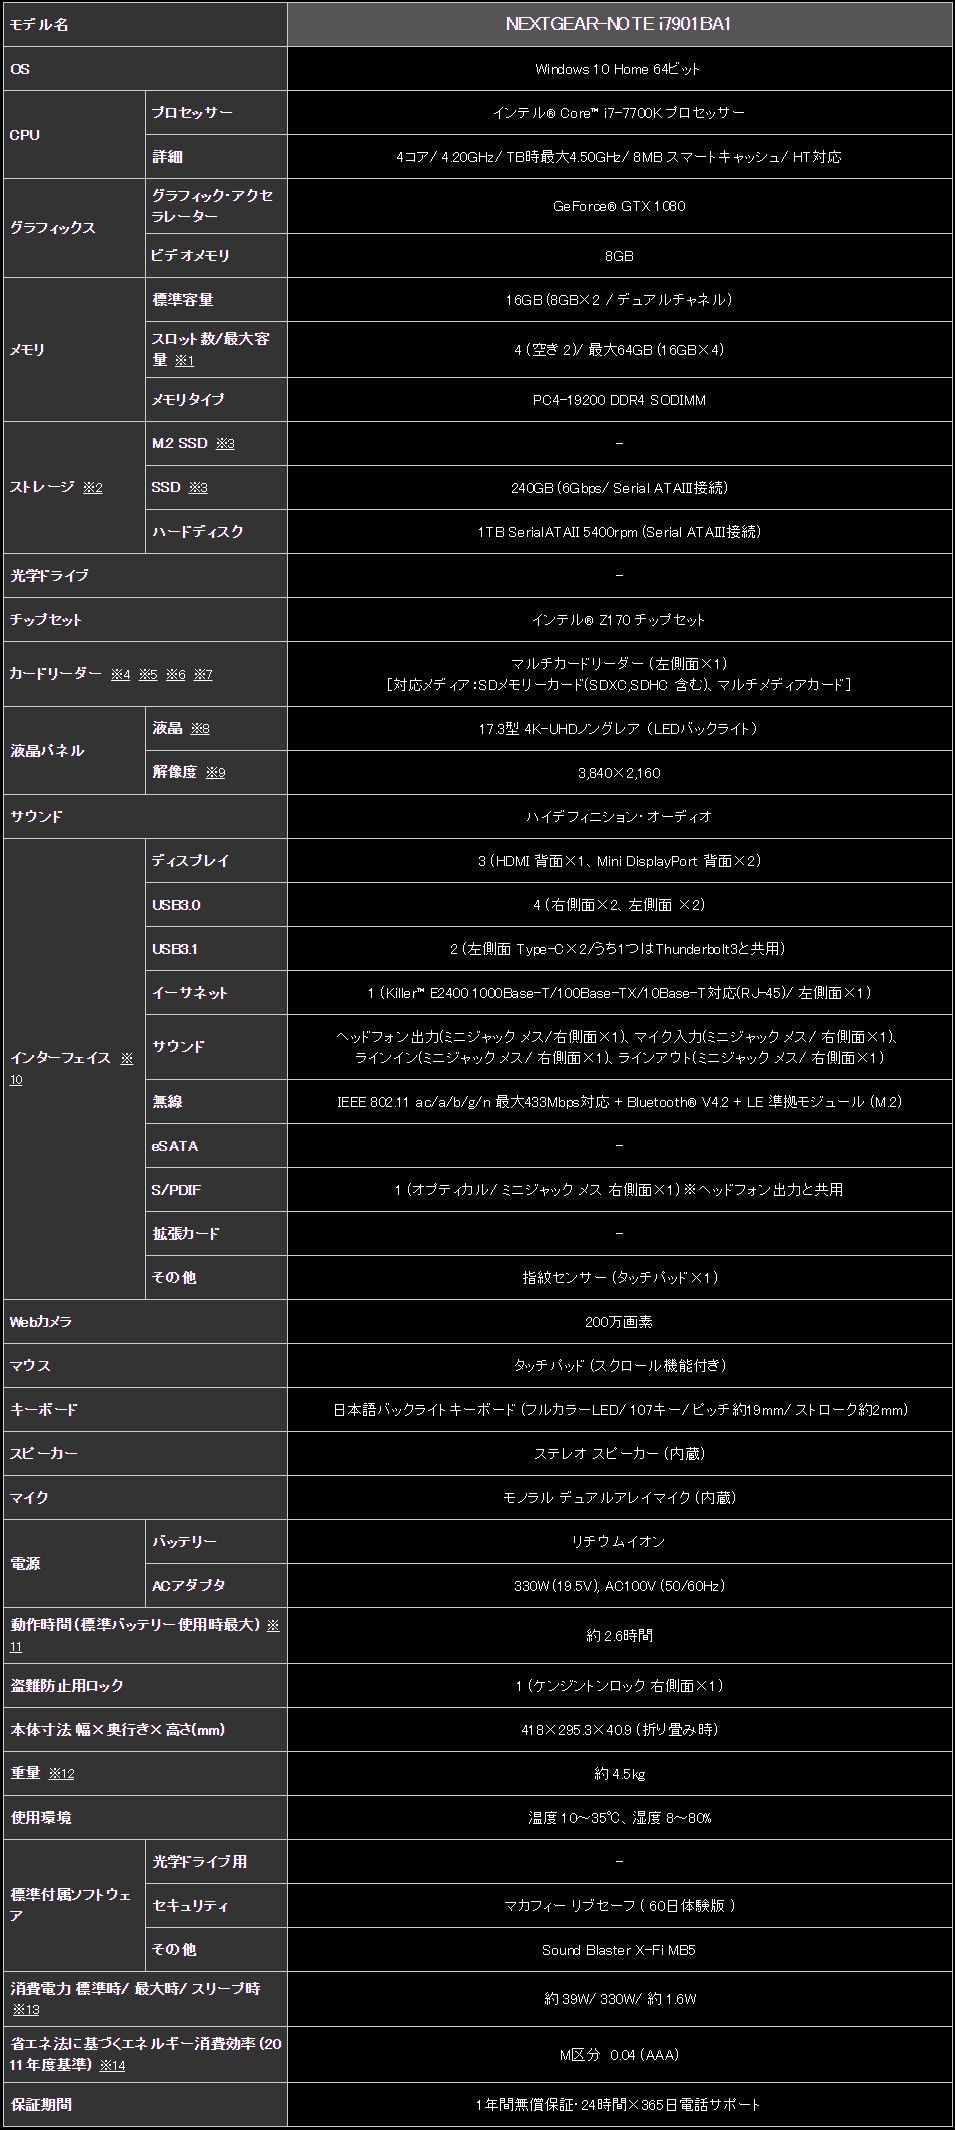 マウス NEXTGEAR-NOTE i7901 スペック表